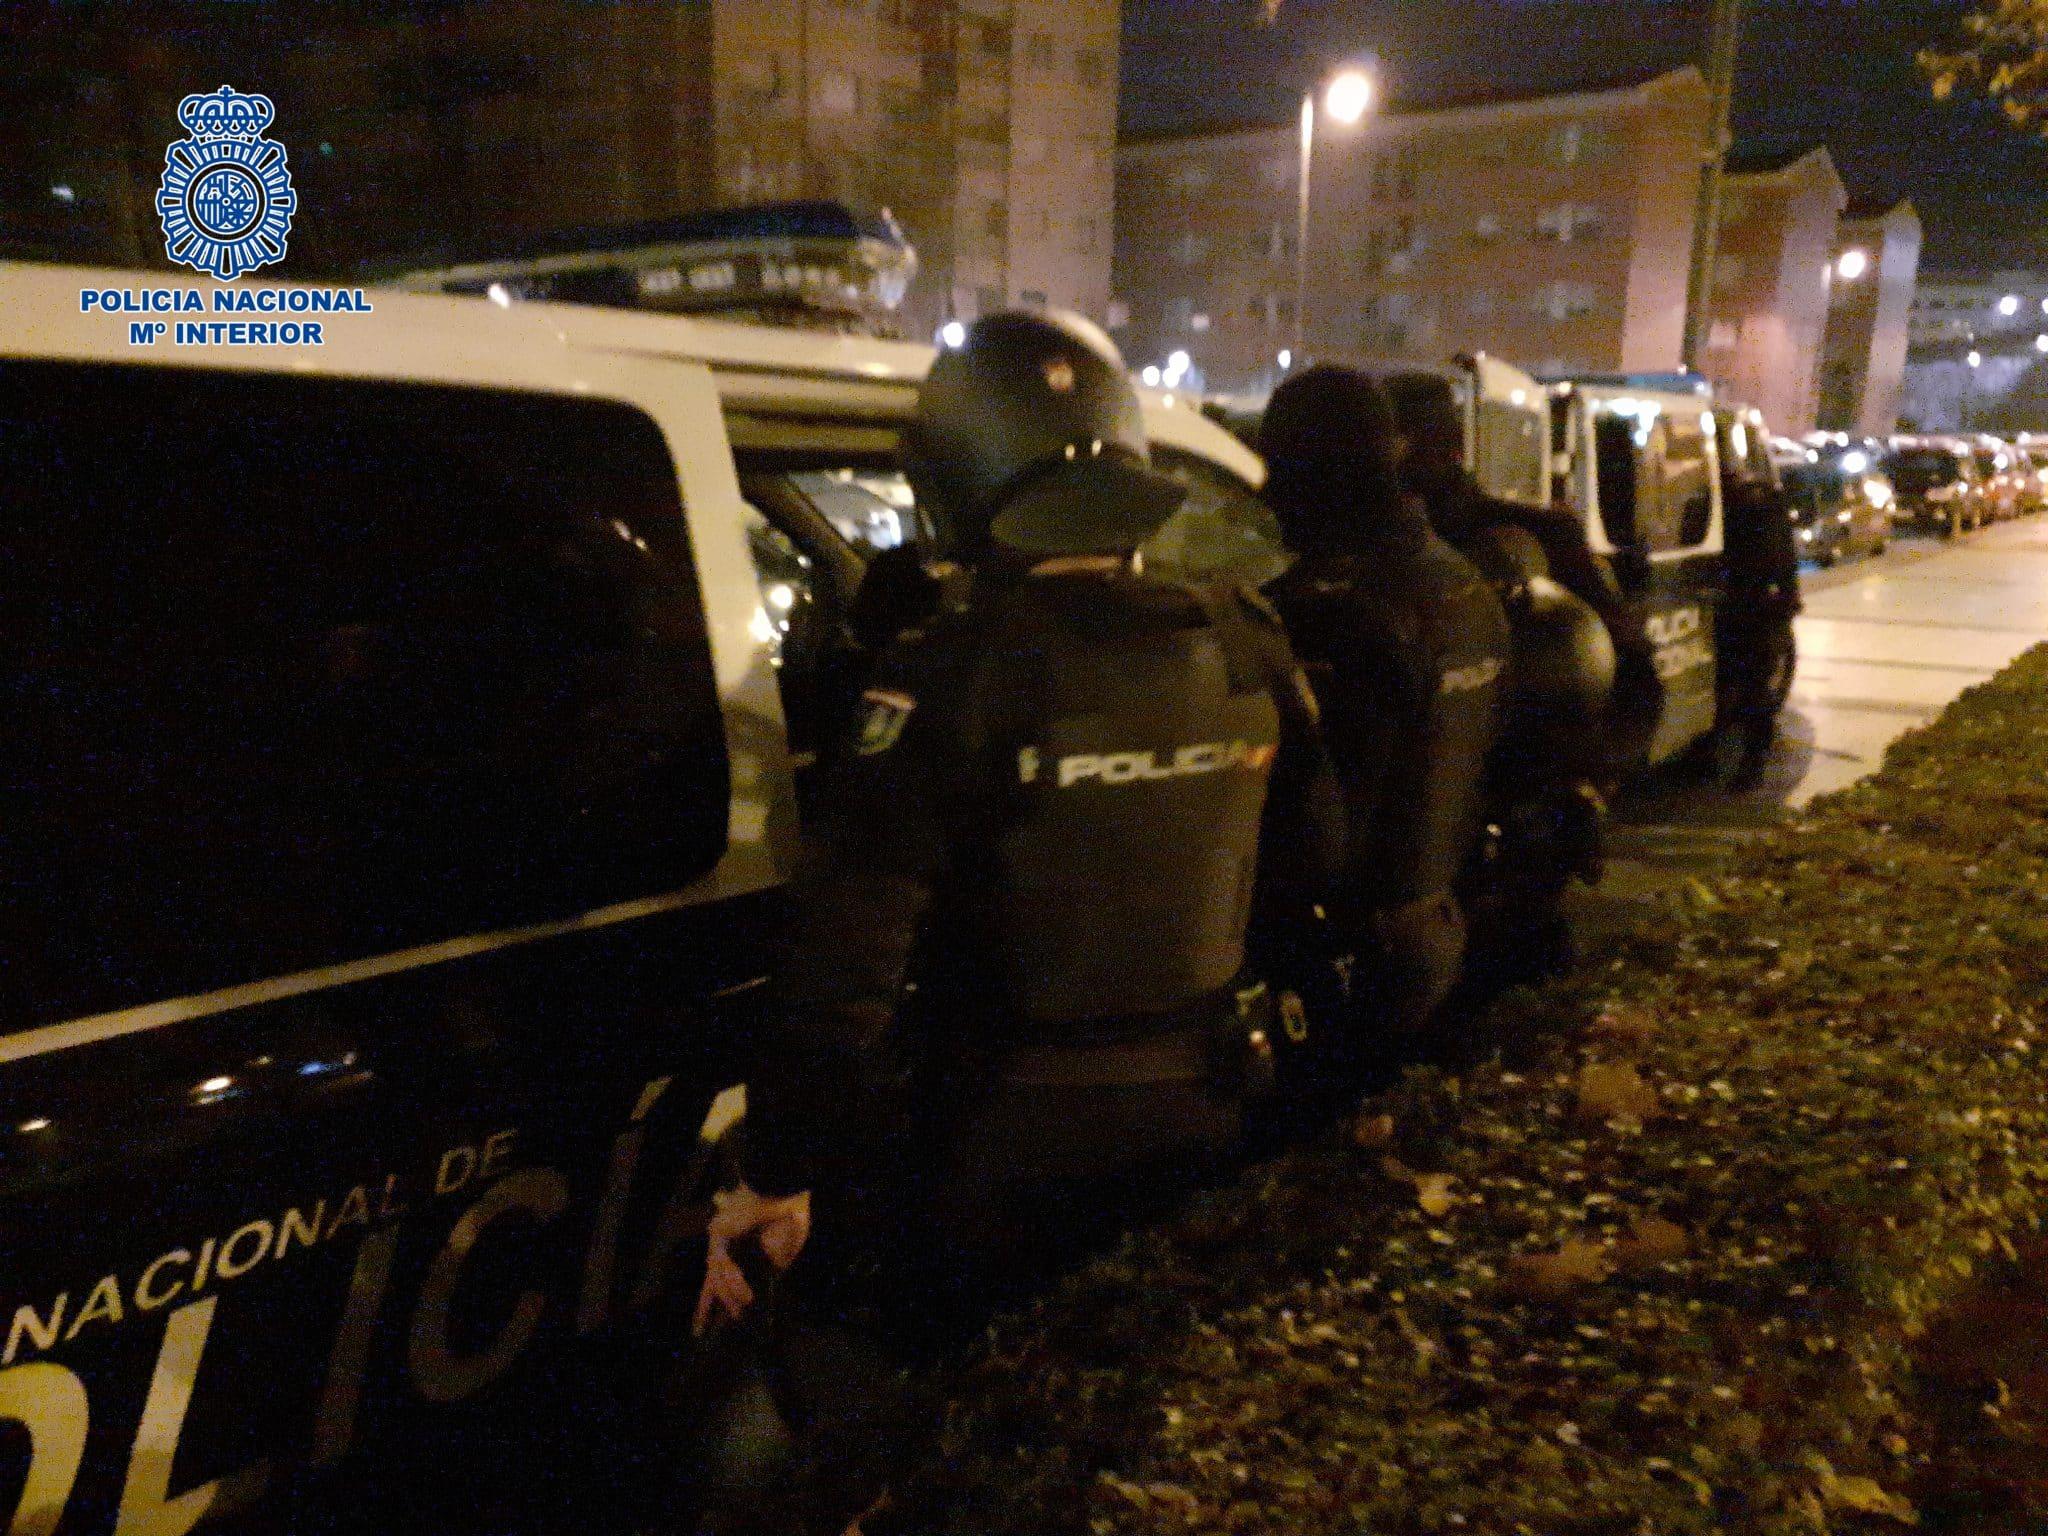 La Policía detiene a seis personas y desarticula dos puntos activos de venta de droga a menores en Logroño 6